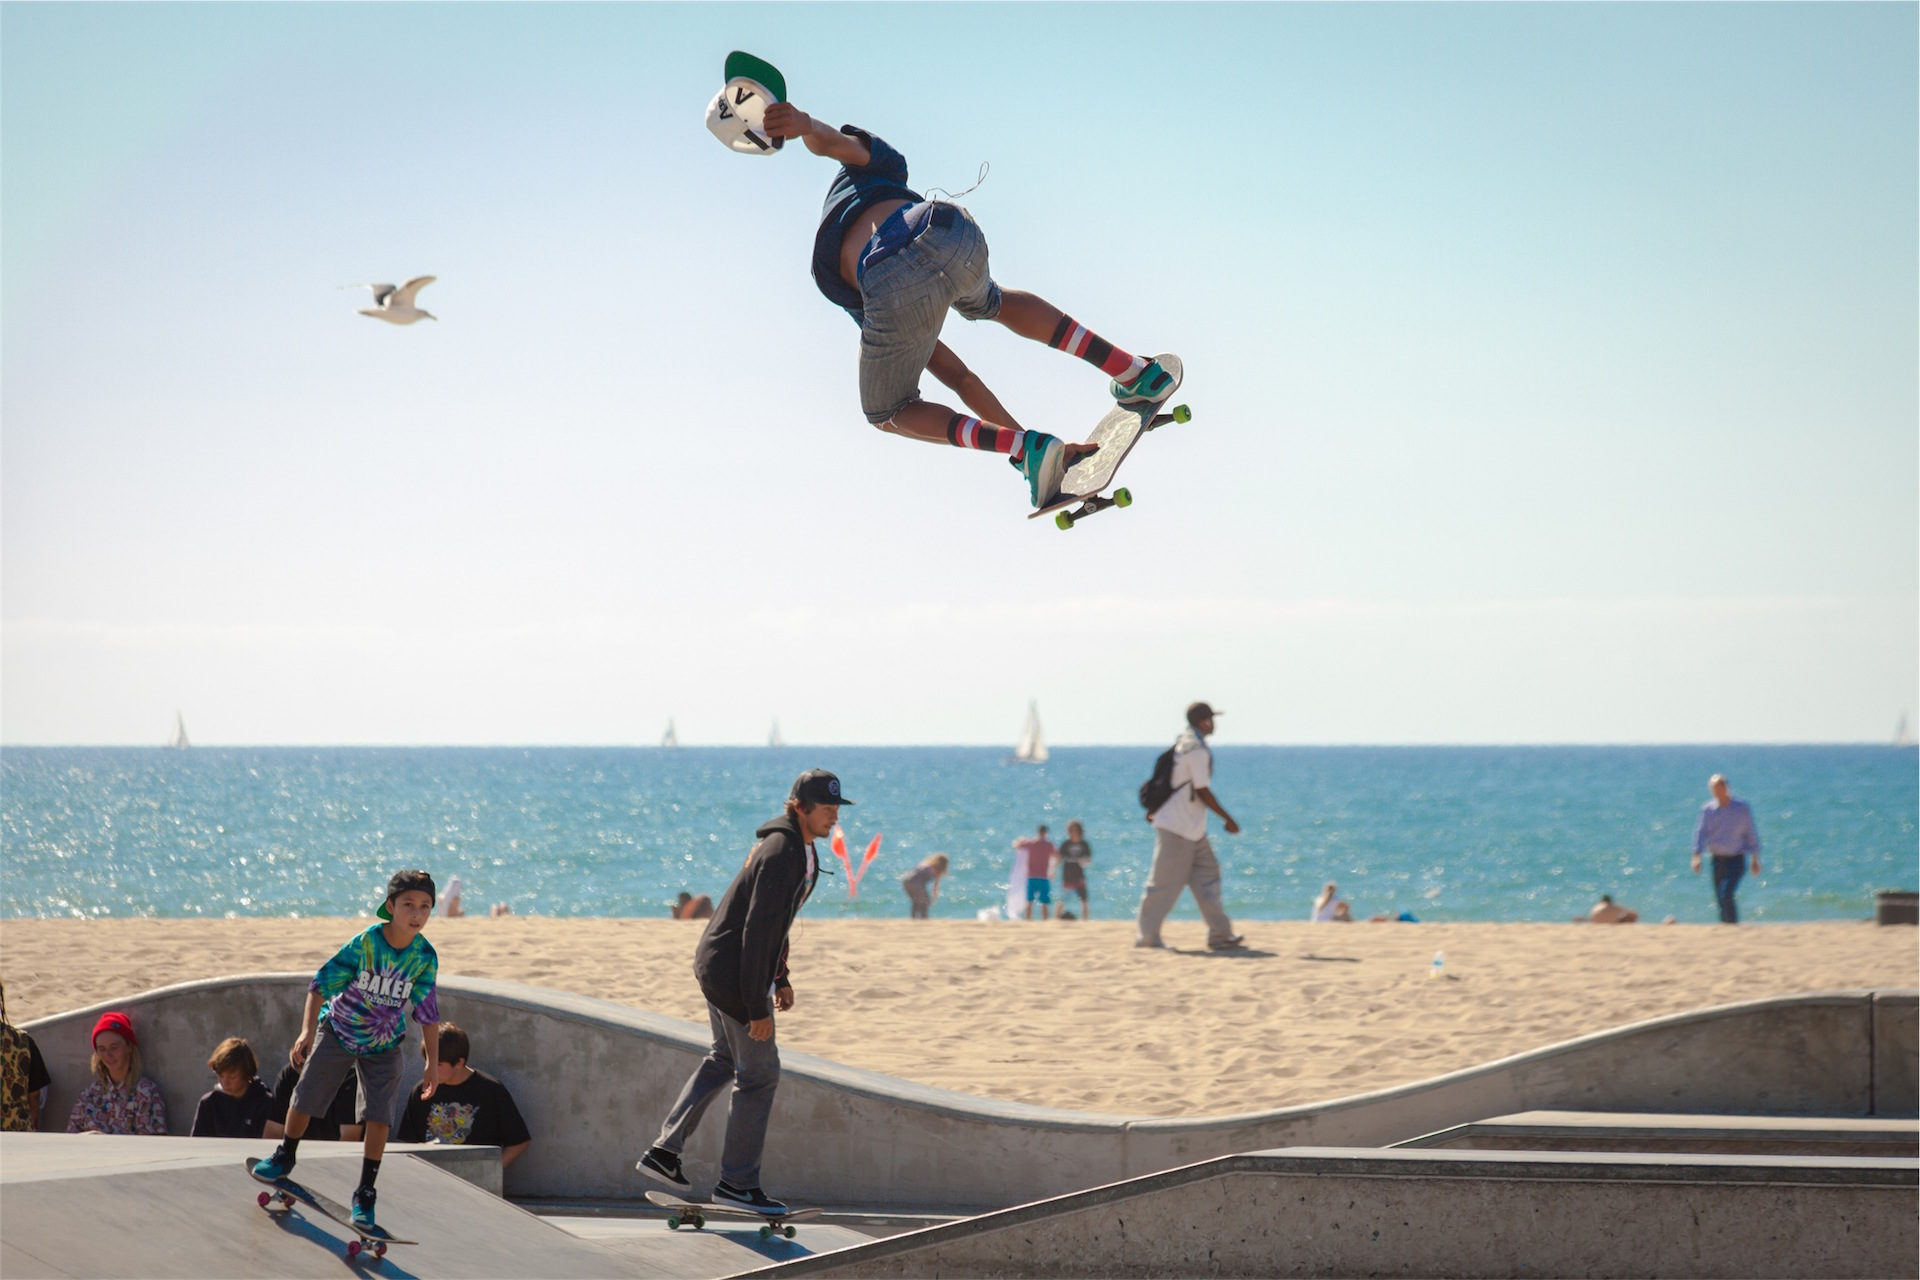 patinar, Кататься на коньках, Пляж, Солнце, Fun - Обои HD - Профессор falken.com